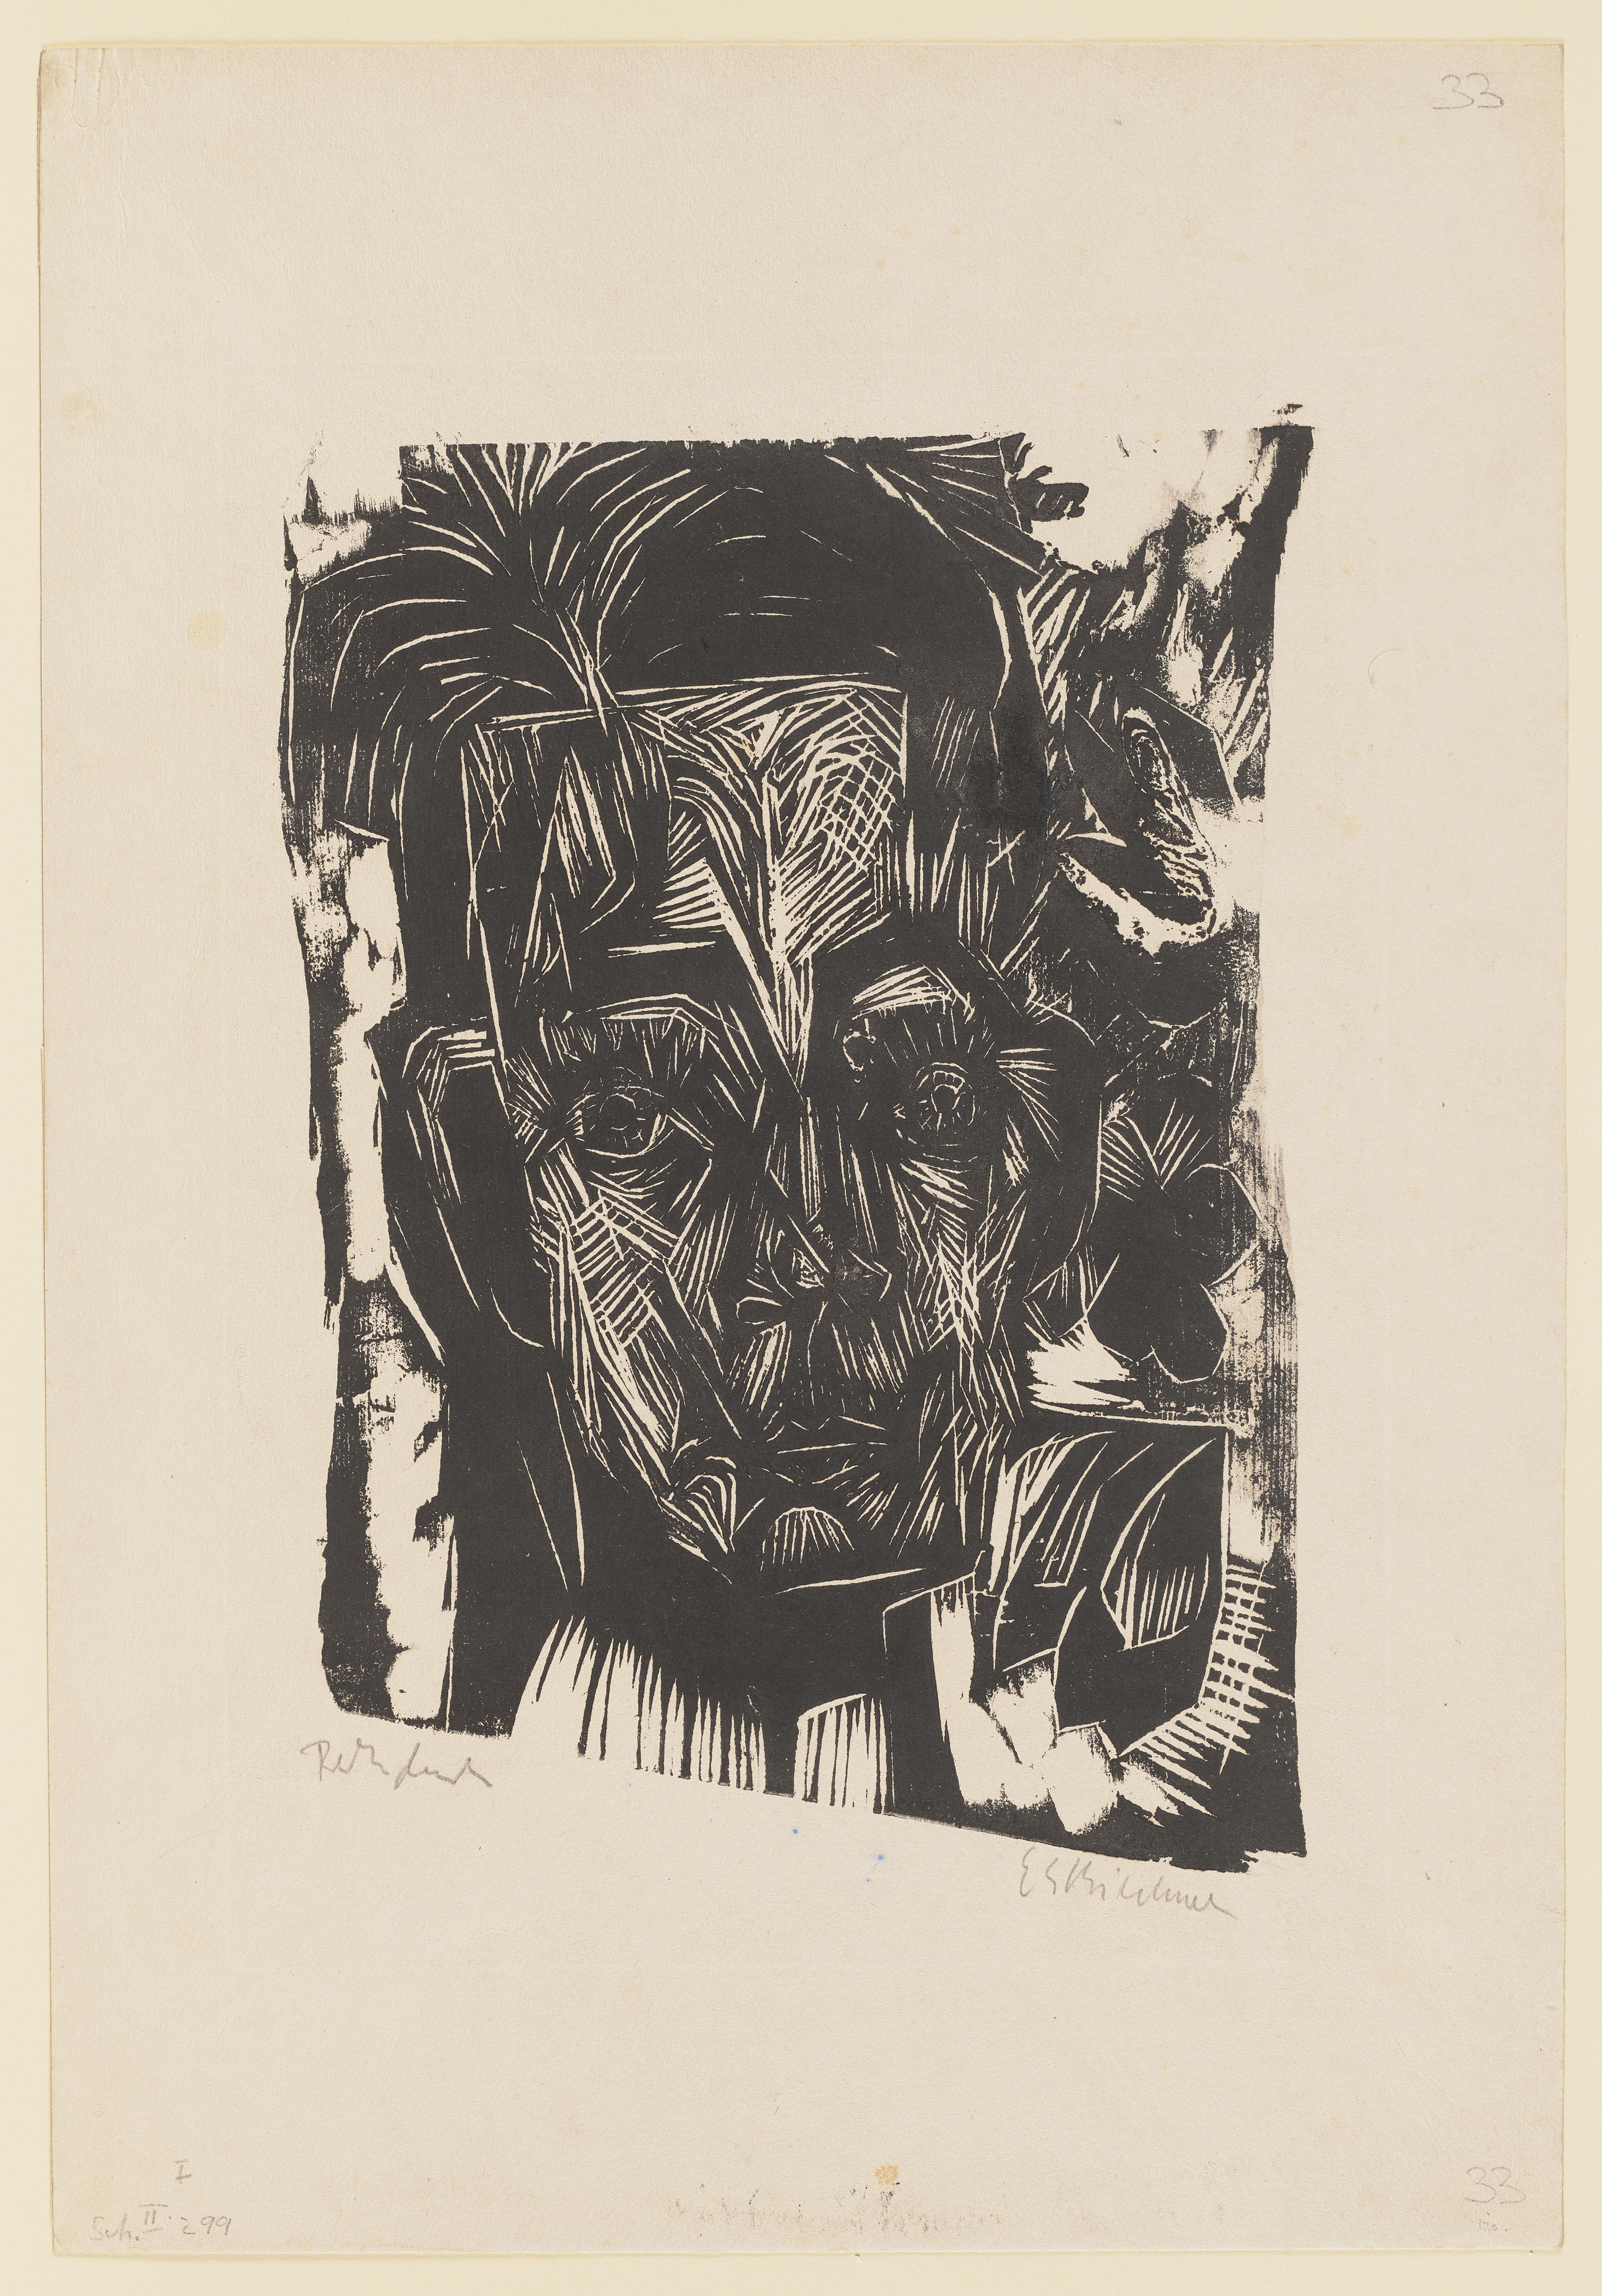 Ernst Ludwig Kirchner, Kopf Robert Binswanger (Der Student), 1917.18, Holzschnitt, 58,9 x 40,5 cm © Städel Museum, Frankfurt am Main